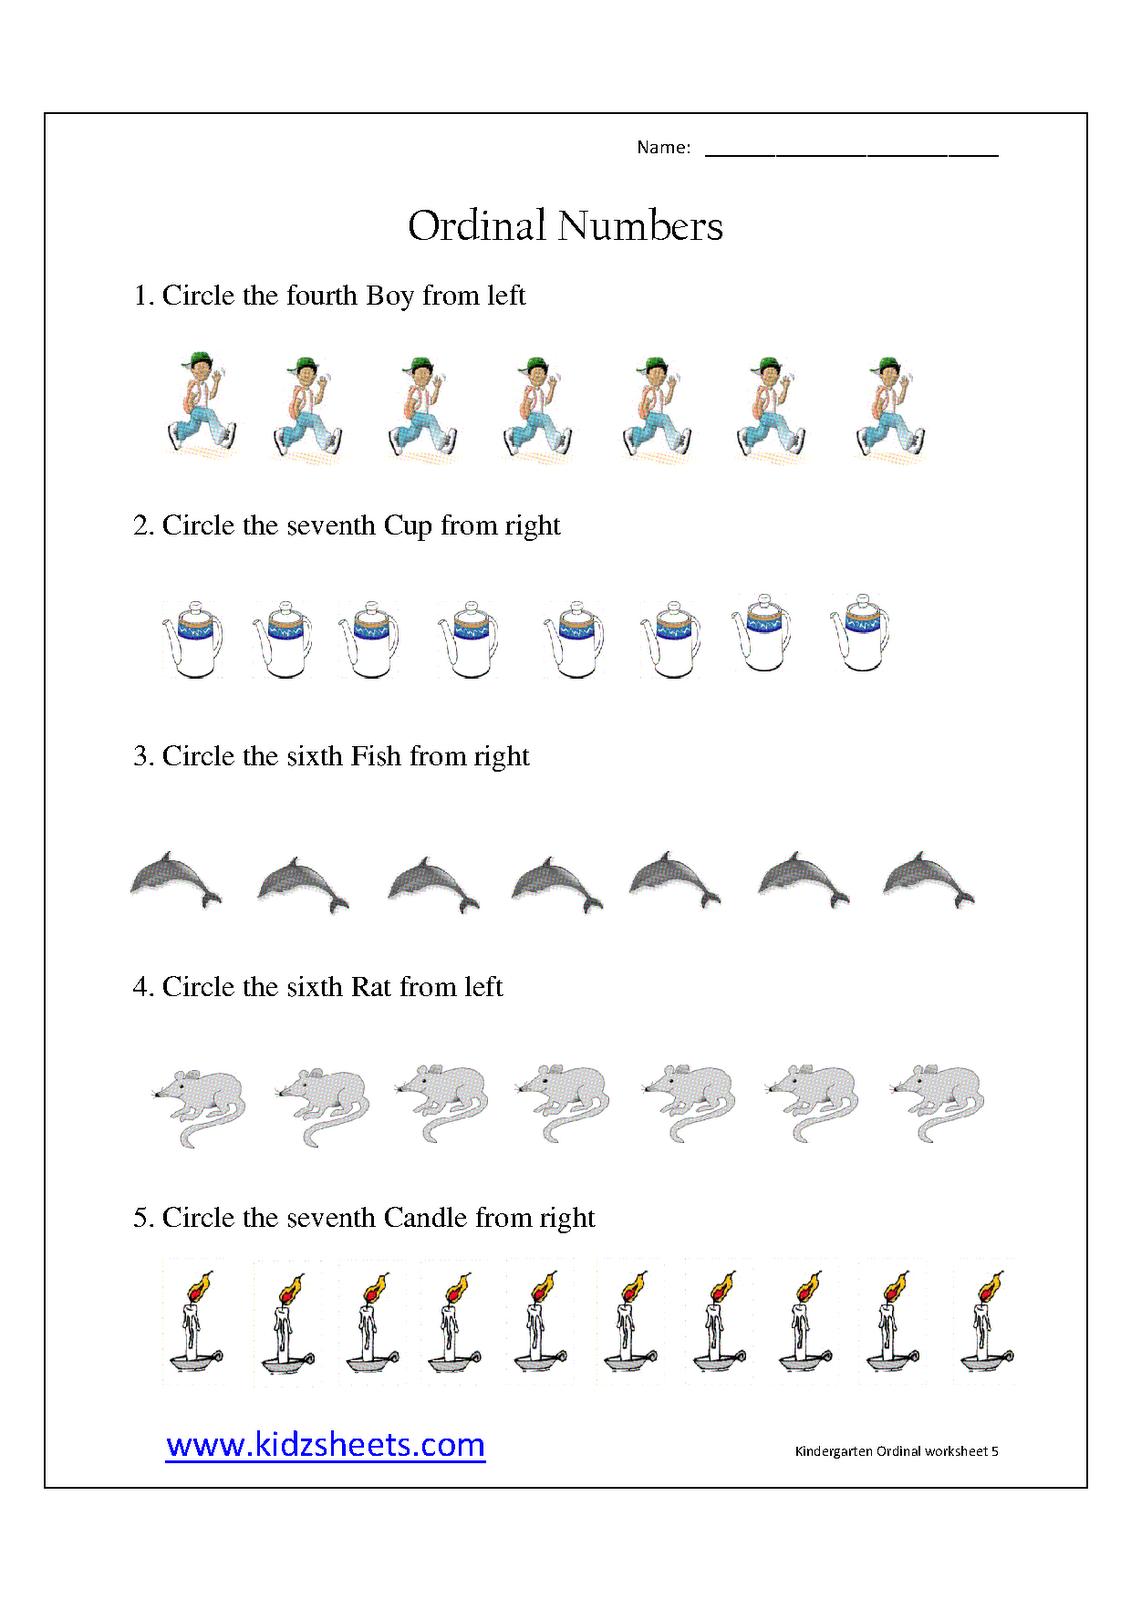 Worksheet Kindergarten Position Worksheets position worksheets for kinder positionstarfish ordinal math worksheet numbers berita baru dot info kinder